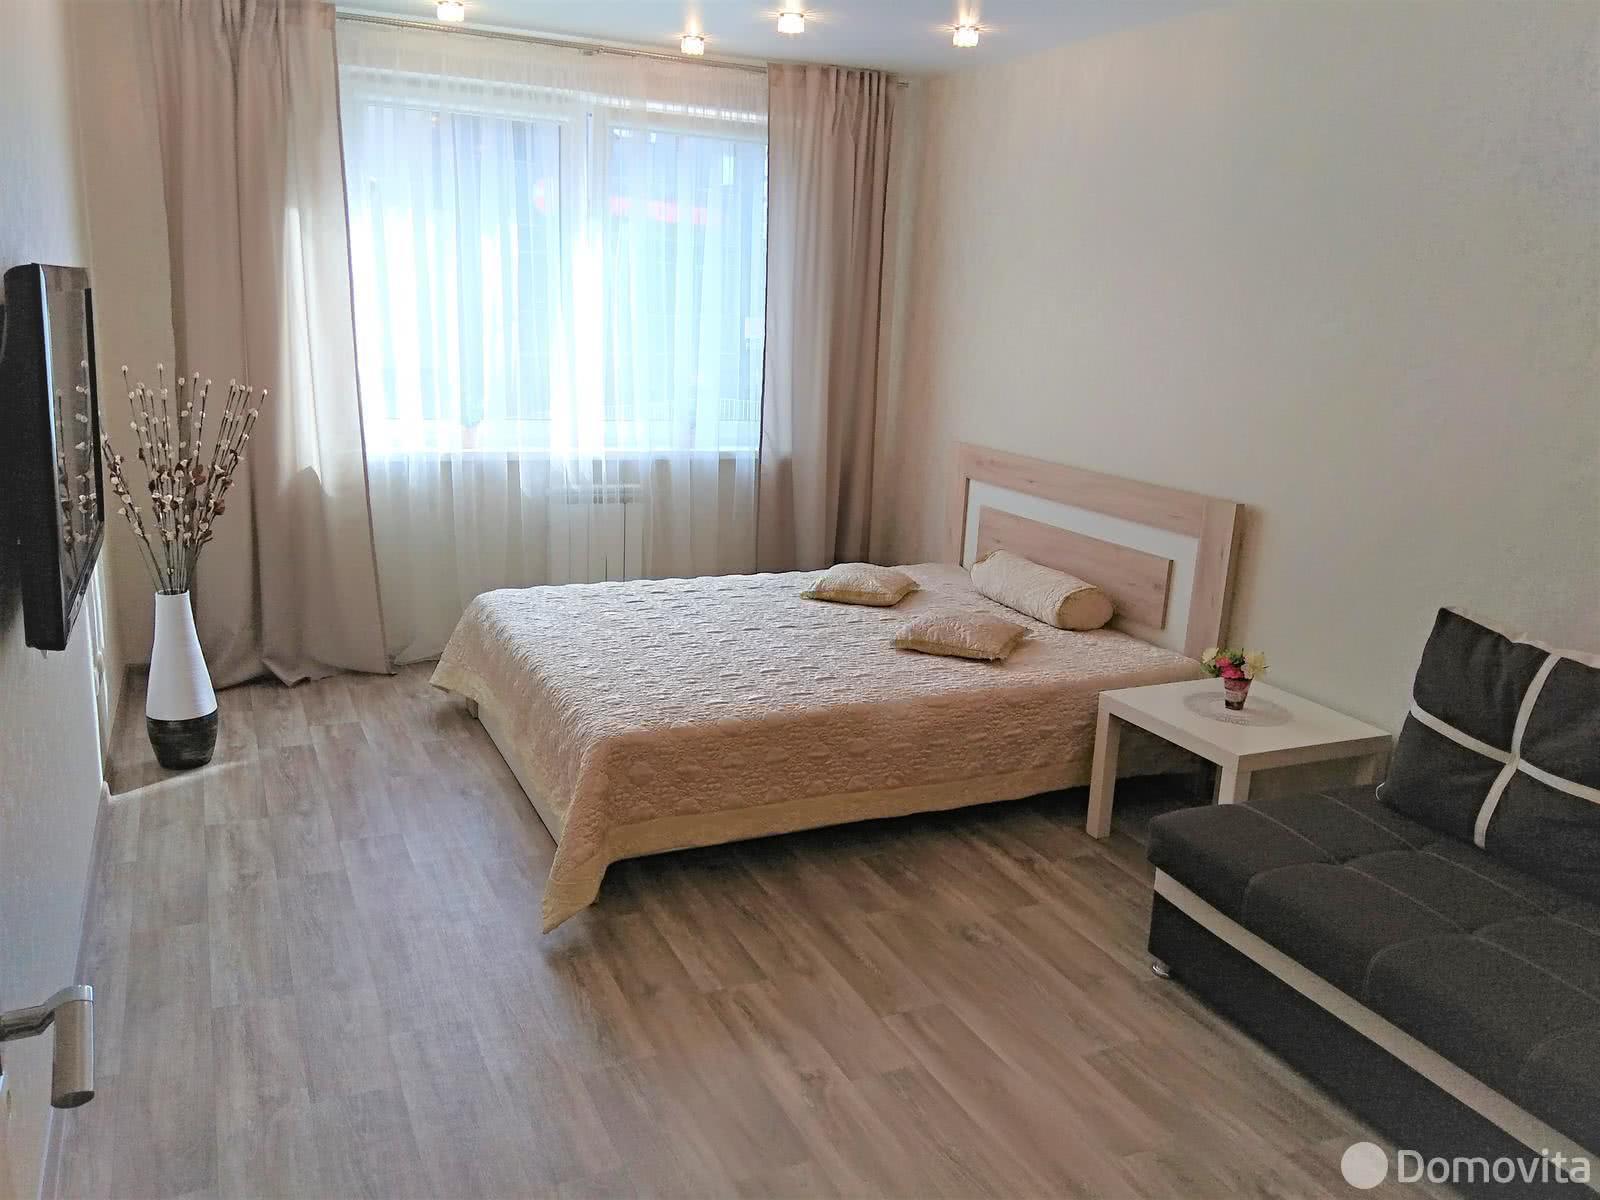 Аренда 1-комнатной квартиры на сутки в Минске ул. Притыцкого, д. 77 - фото 4